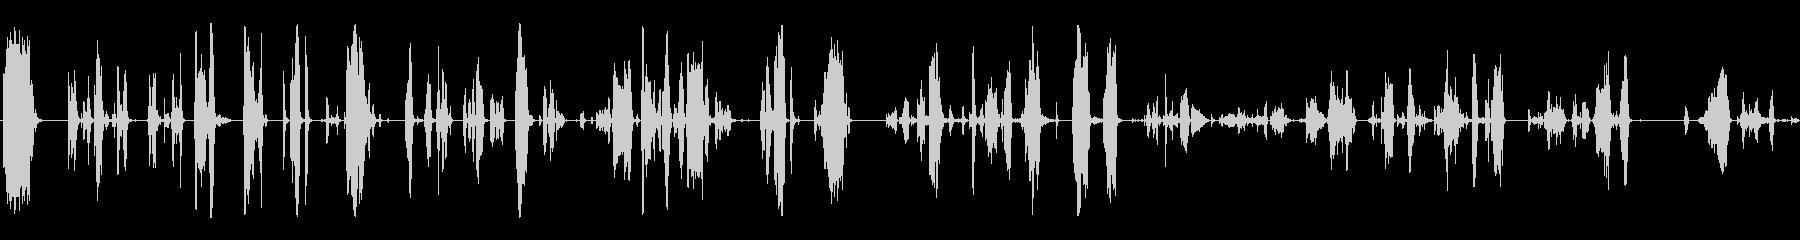 金属パネル、フォーリーのさまざまな...の未再生の波形